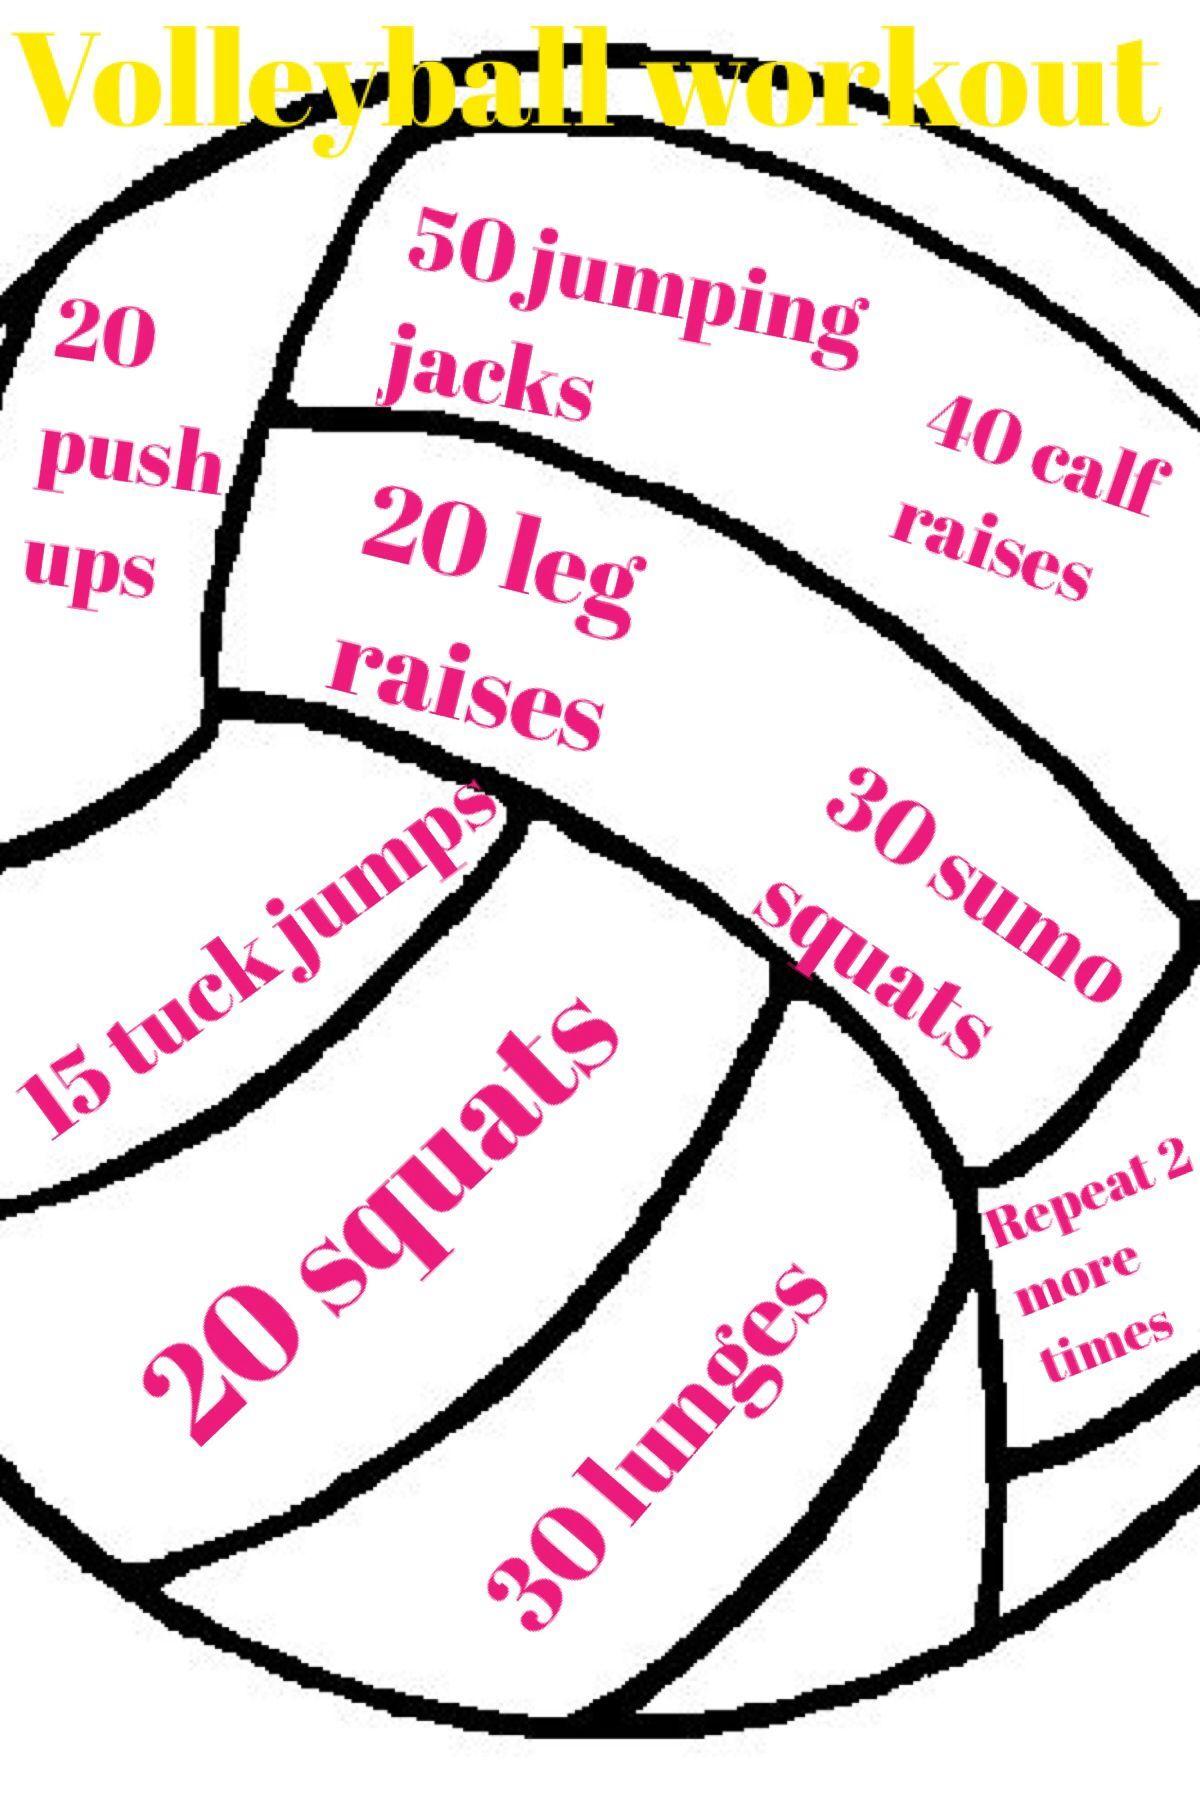 544403d103089fb2e9f1a57a6e6cef62 Jpg 1 200 1 800 Pixels Volleyball Workouts Coaching Volleyball Basketball Workouts